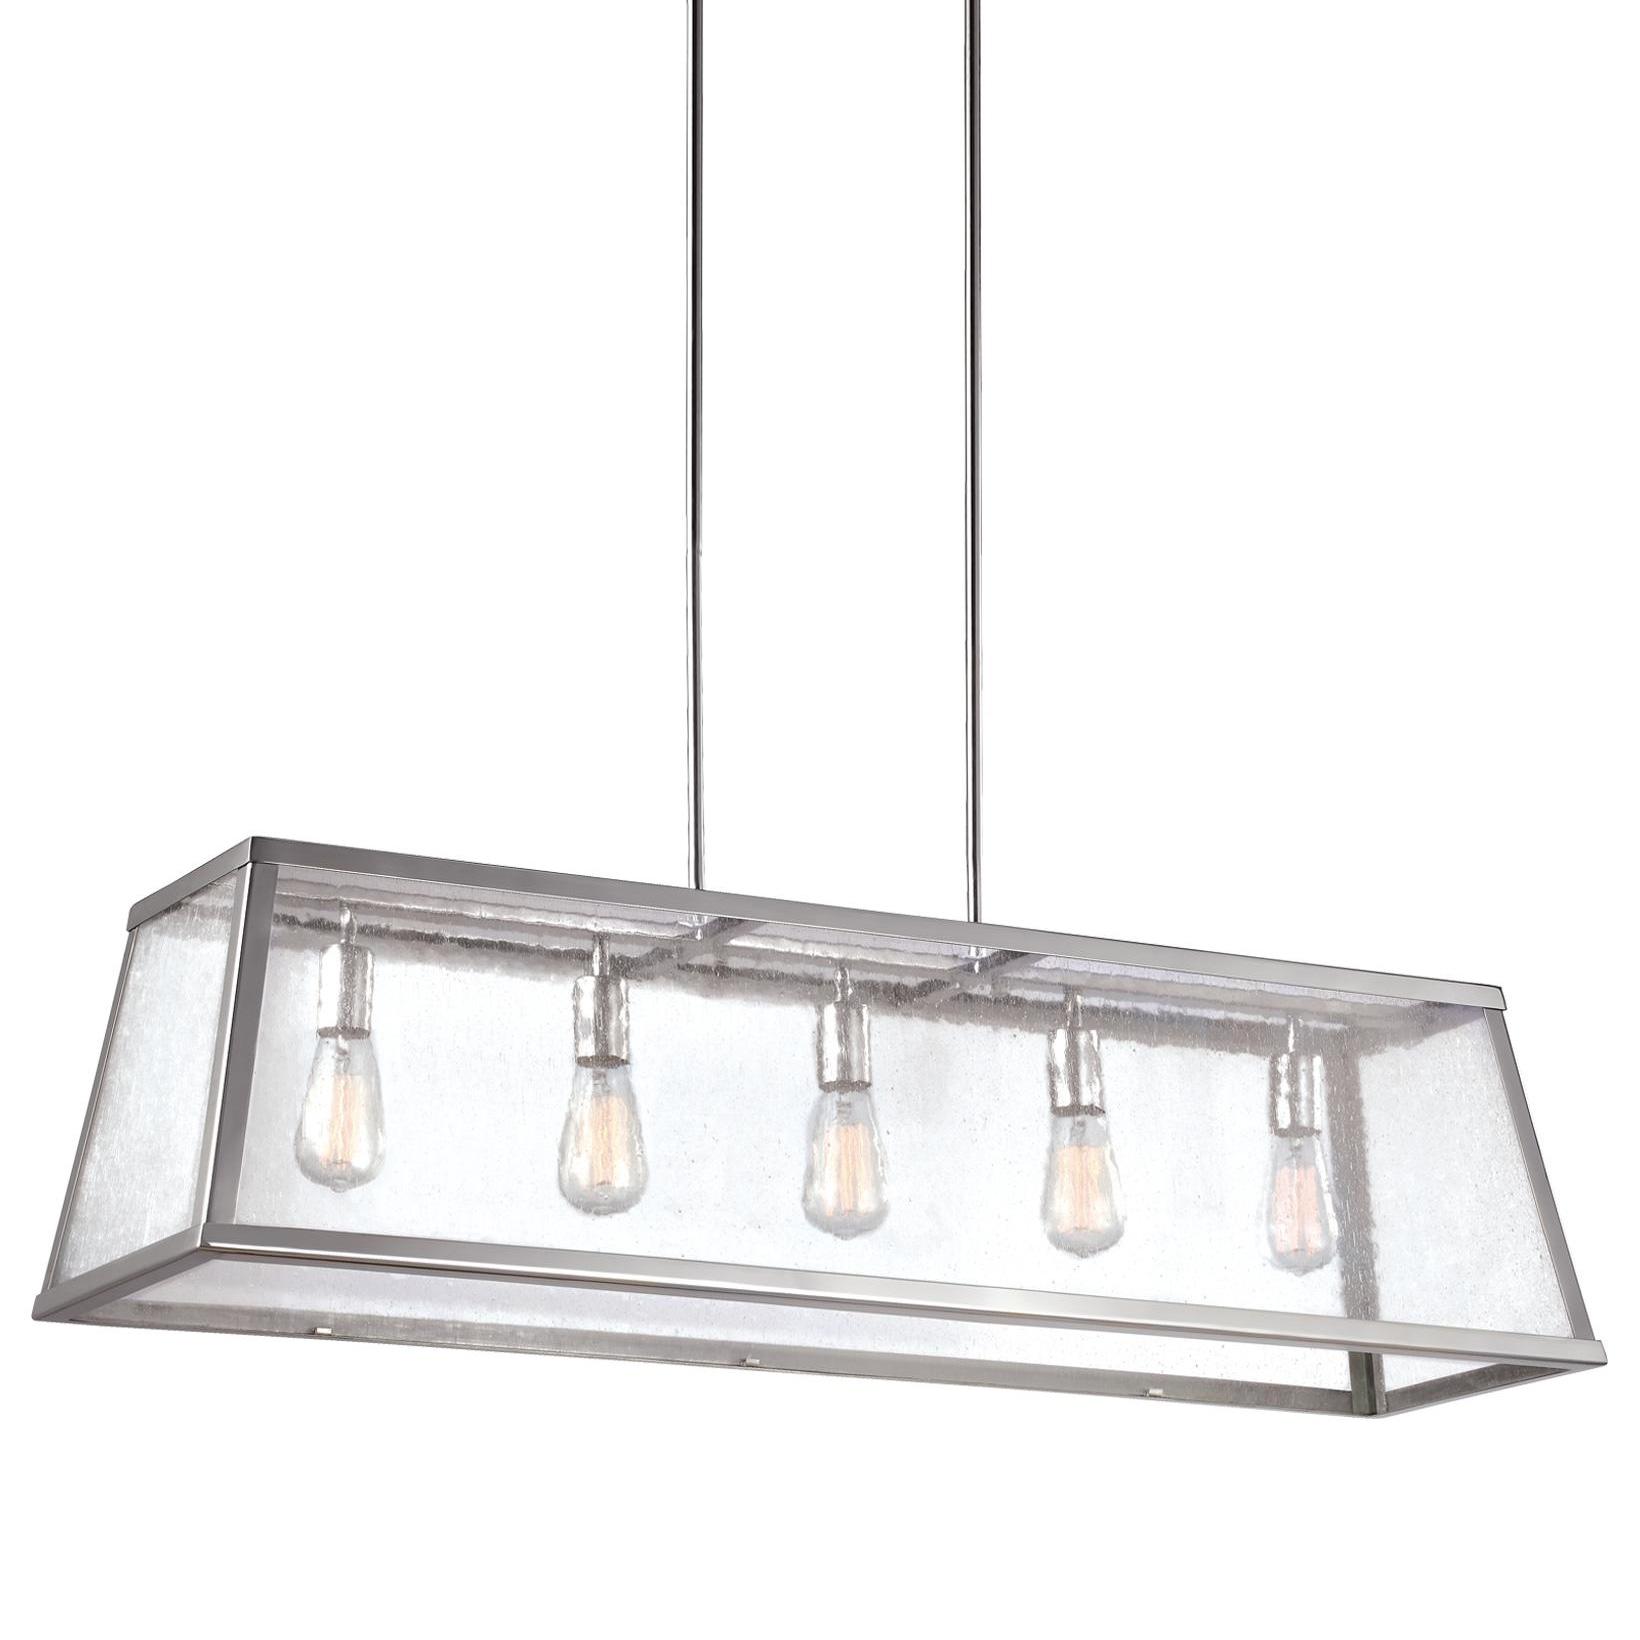 linear chandelier by feiss  fpn - harrow linear chandelier by feiss  fpn